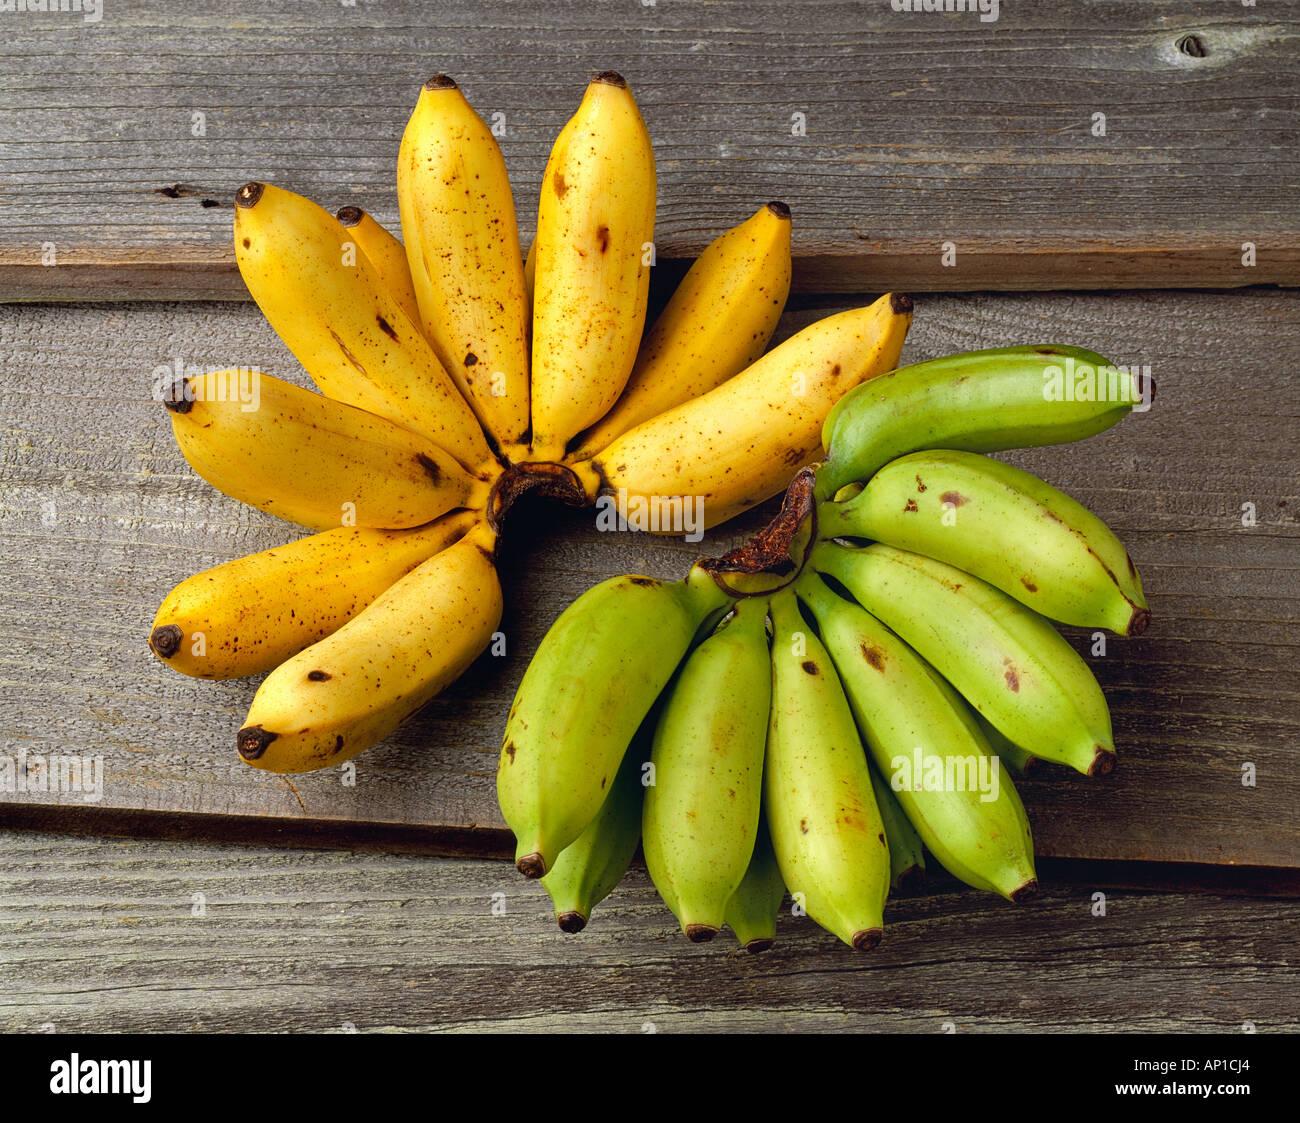 Landwirtschaft - Apple Bananen, ein paar Reifen und ein Haufen grün, auf einer Fläche von Barnwood, im Studio. Stockbild